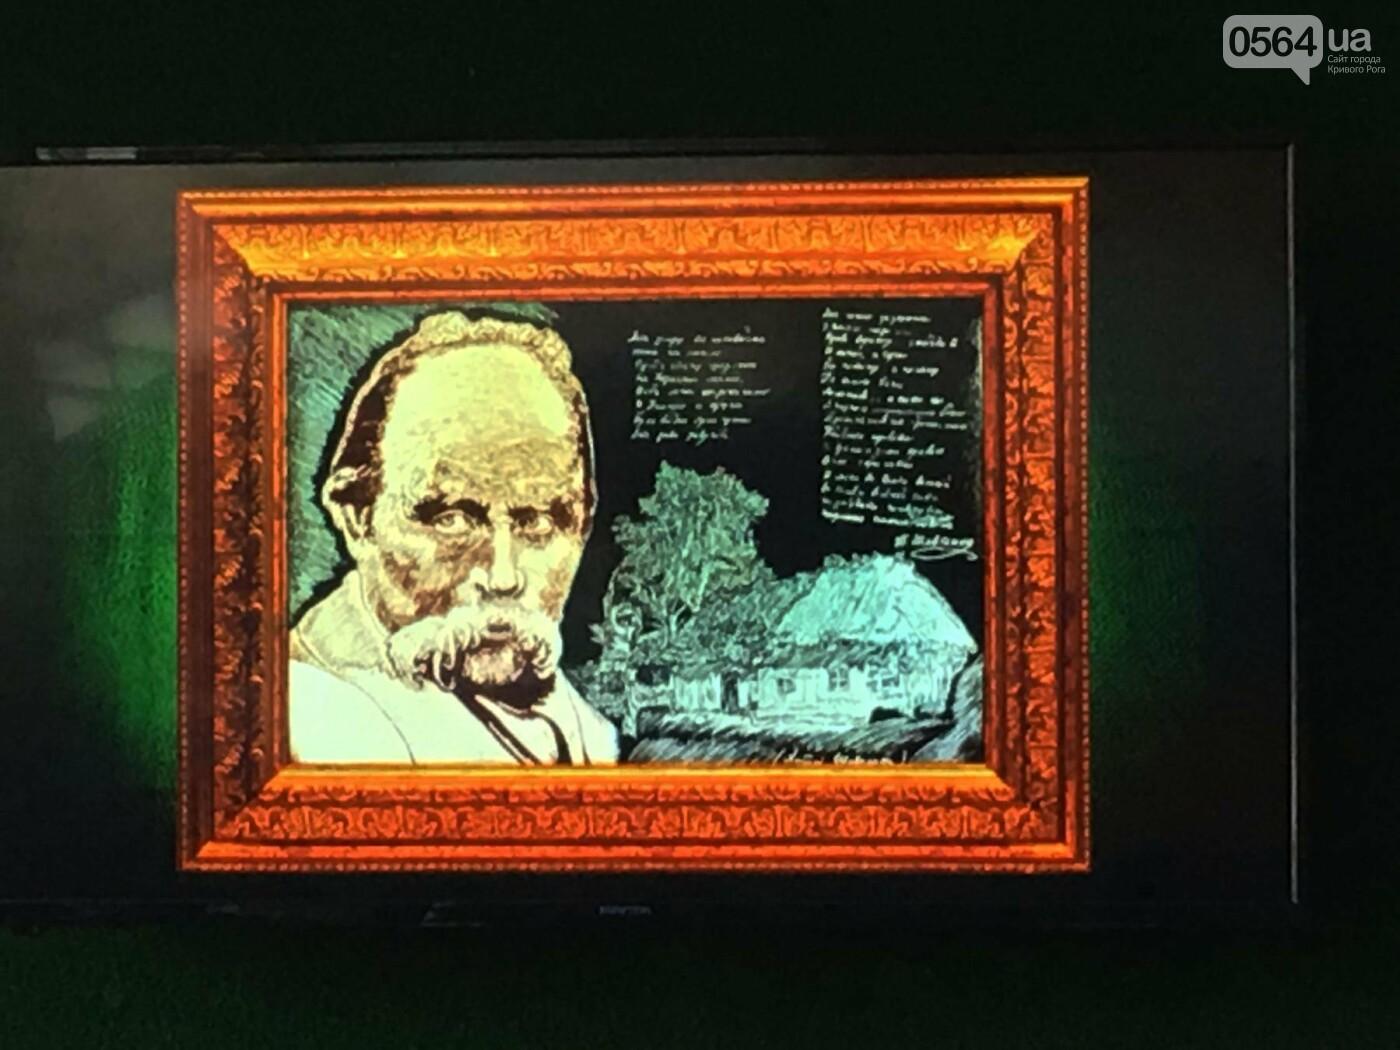 """Перед отправкой в Европу криворожанам презентовали картины """"Тайная вечеря"""" и """"Рыцарь, смерть и дьявол"""", - ФОТО, ВИДЕО, фото-1"""